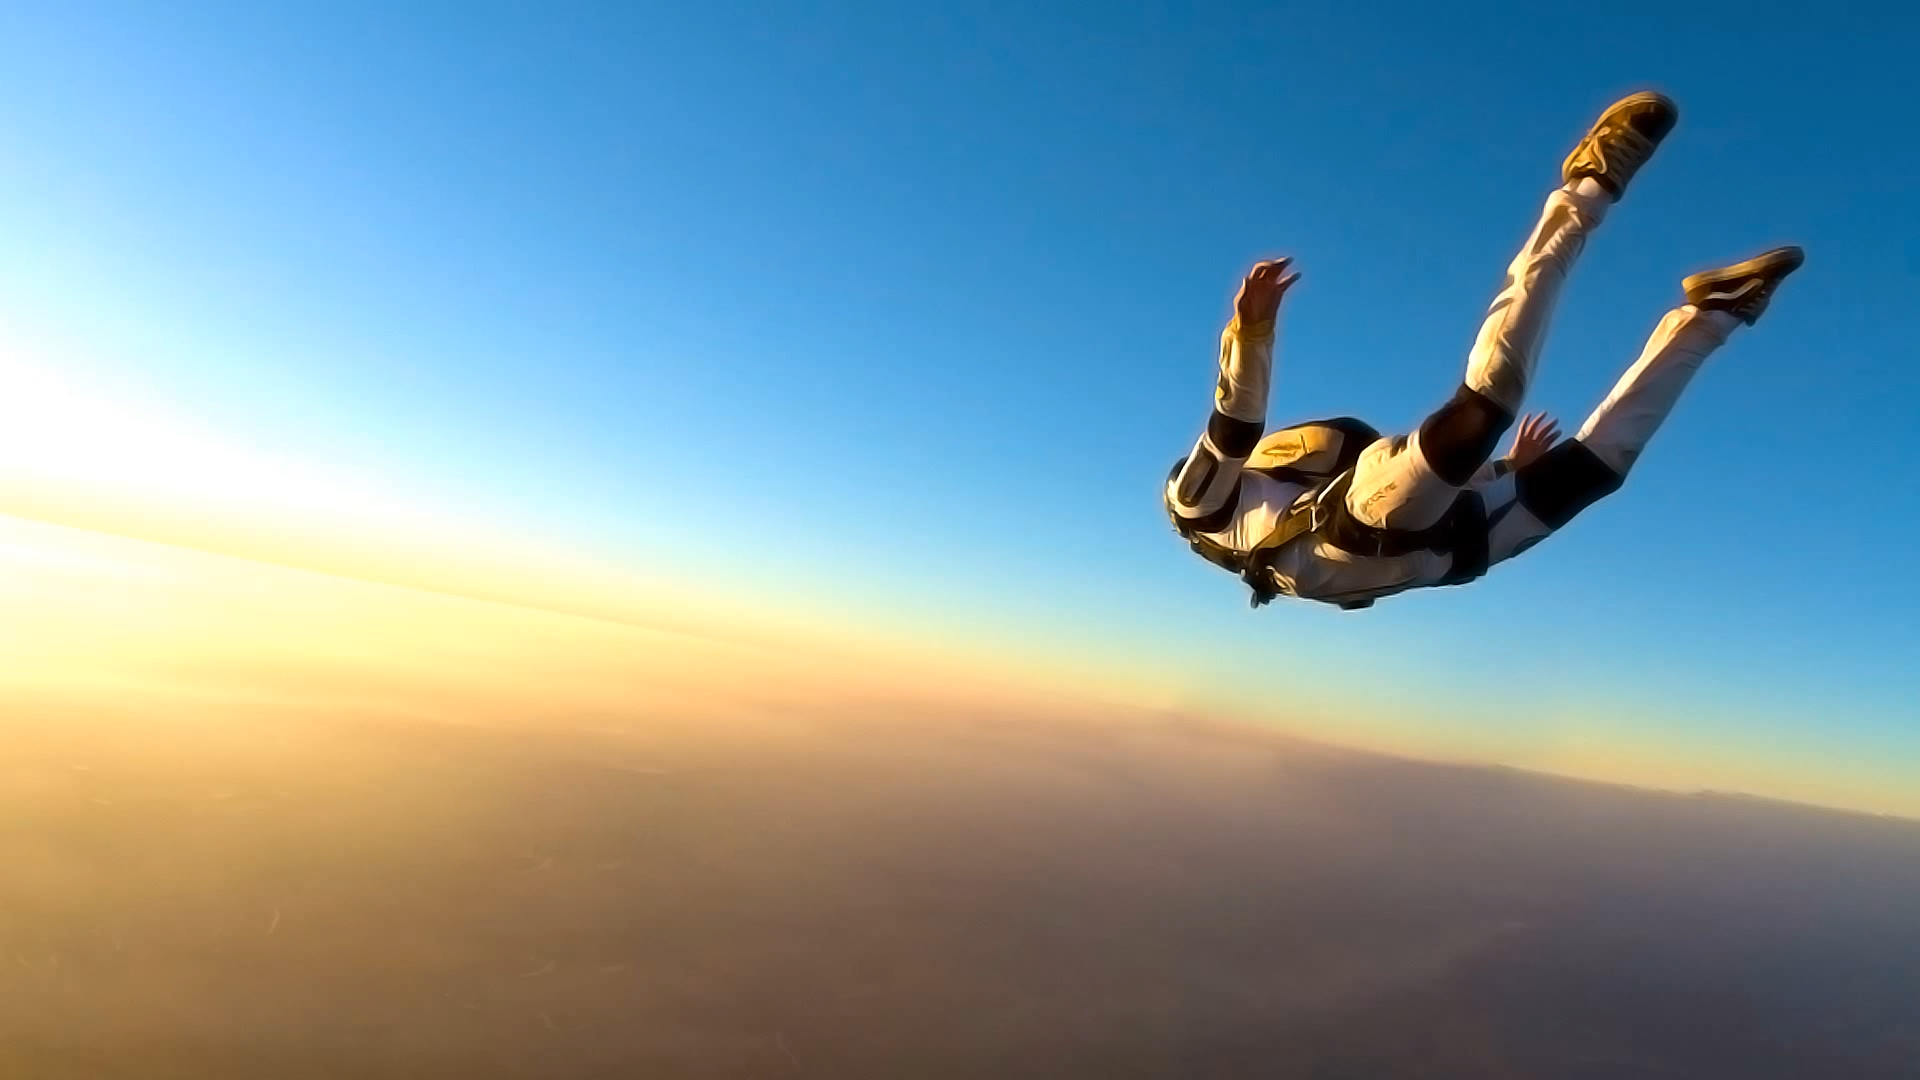 wallpaper of skydiving